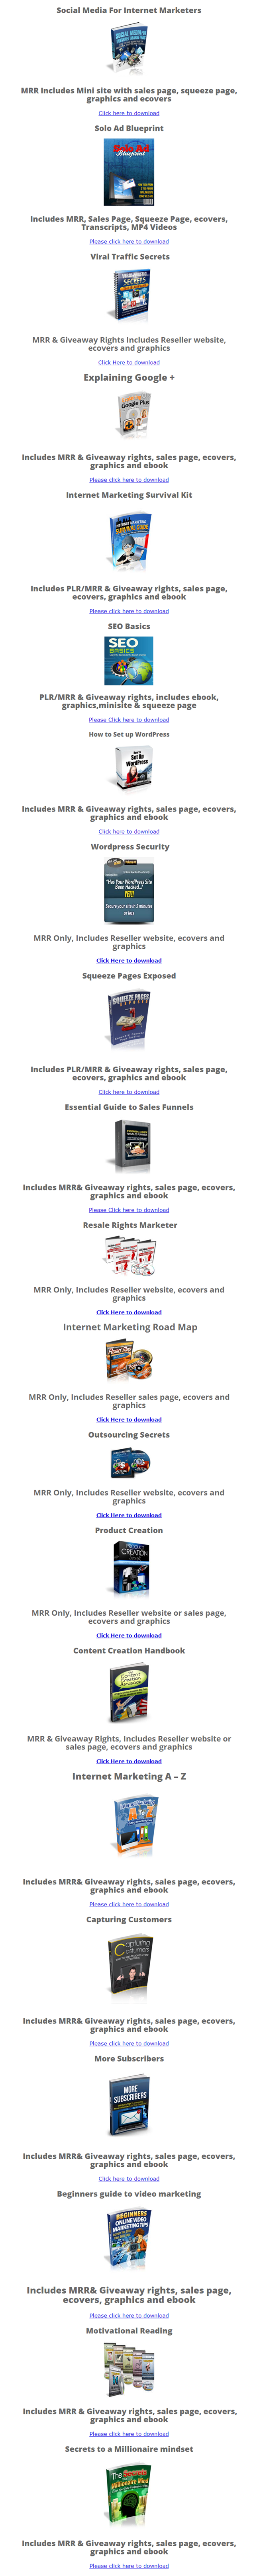 members_sales_plr